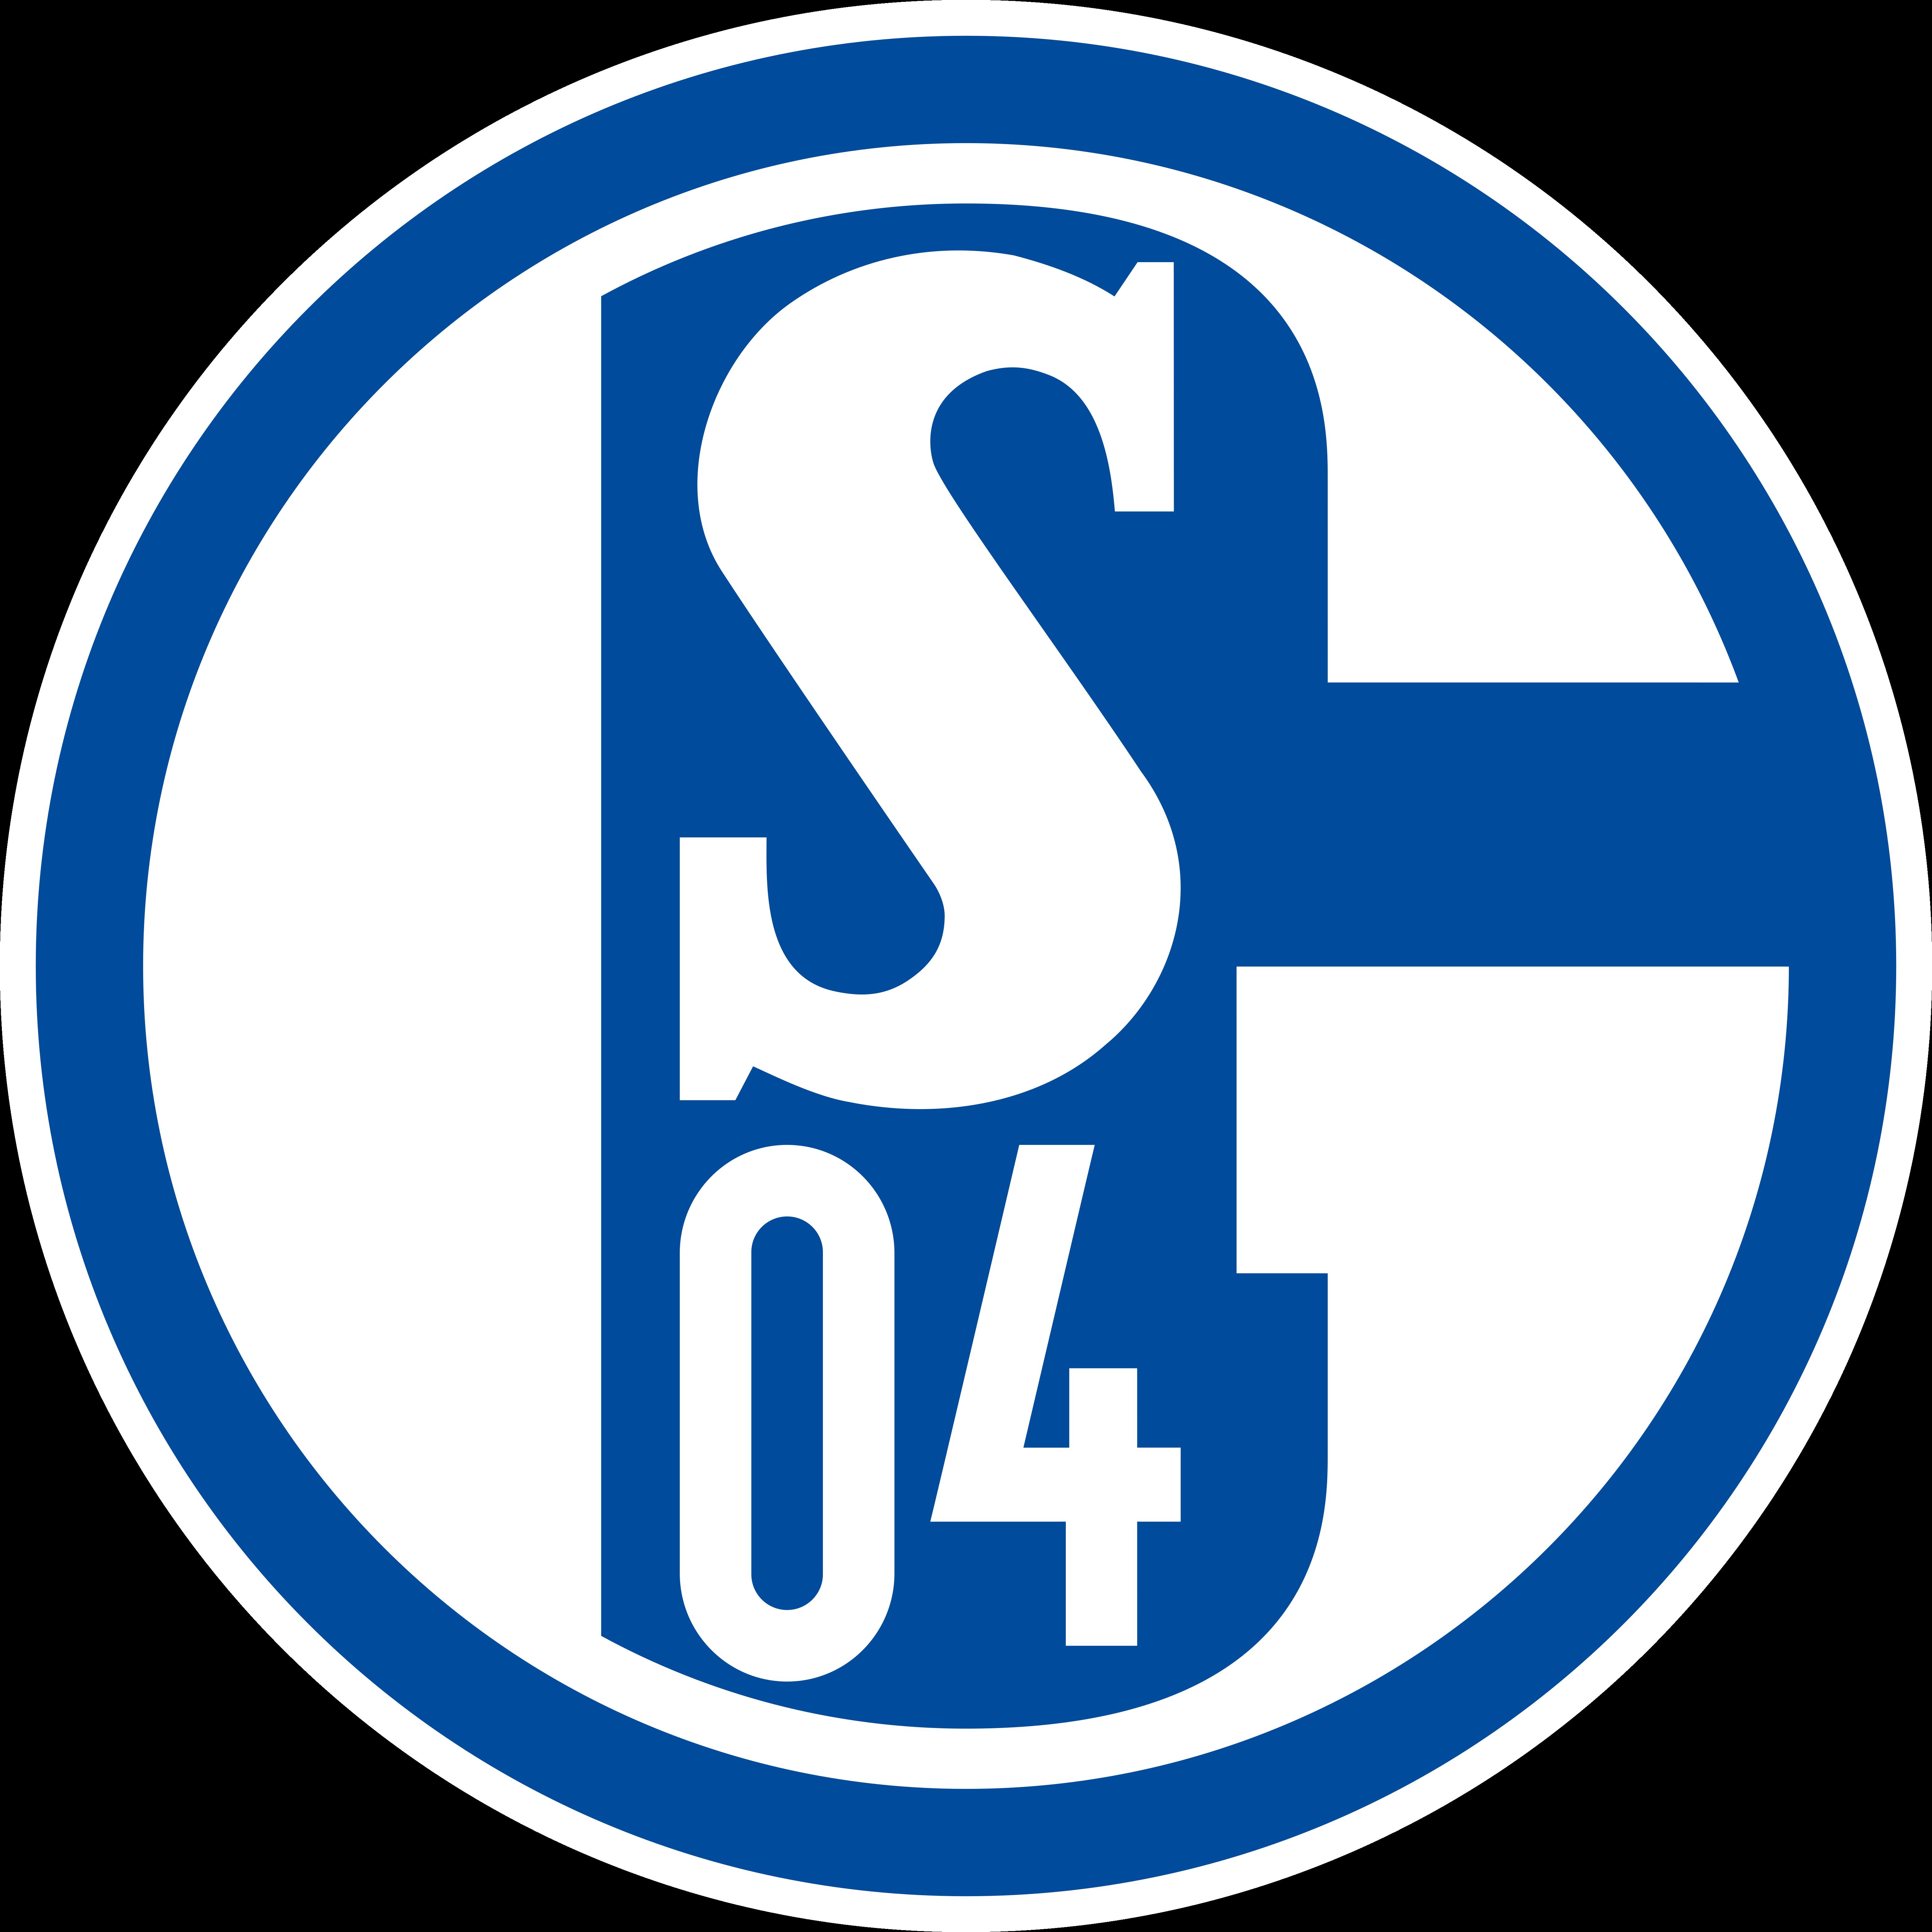 Fc Schalke 04 Esports Leaguepedia League Of Legends Esports Wiki